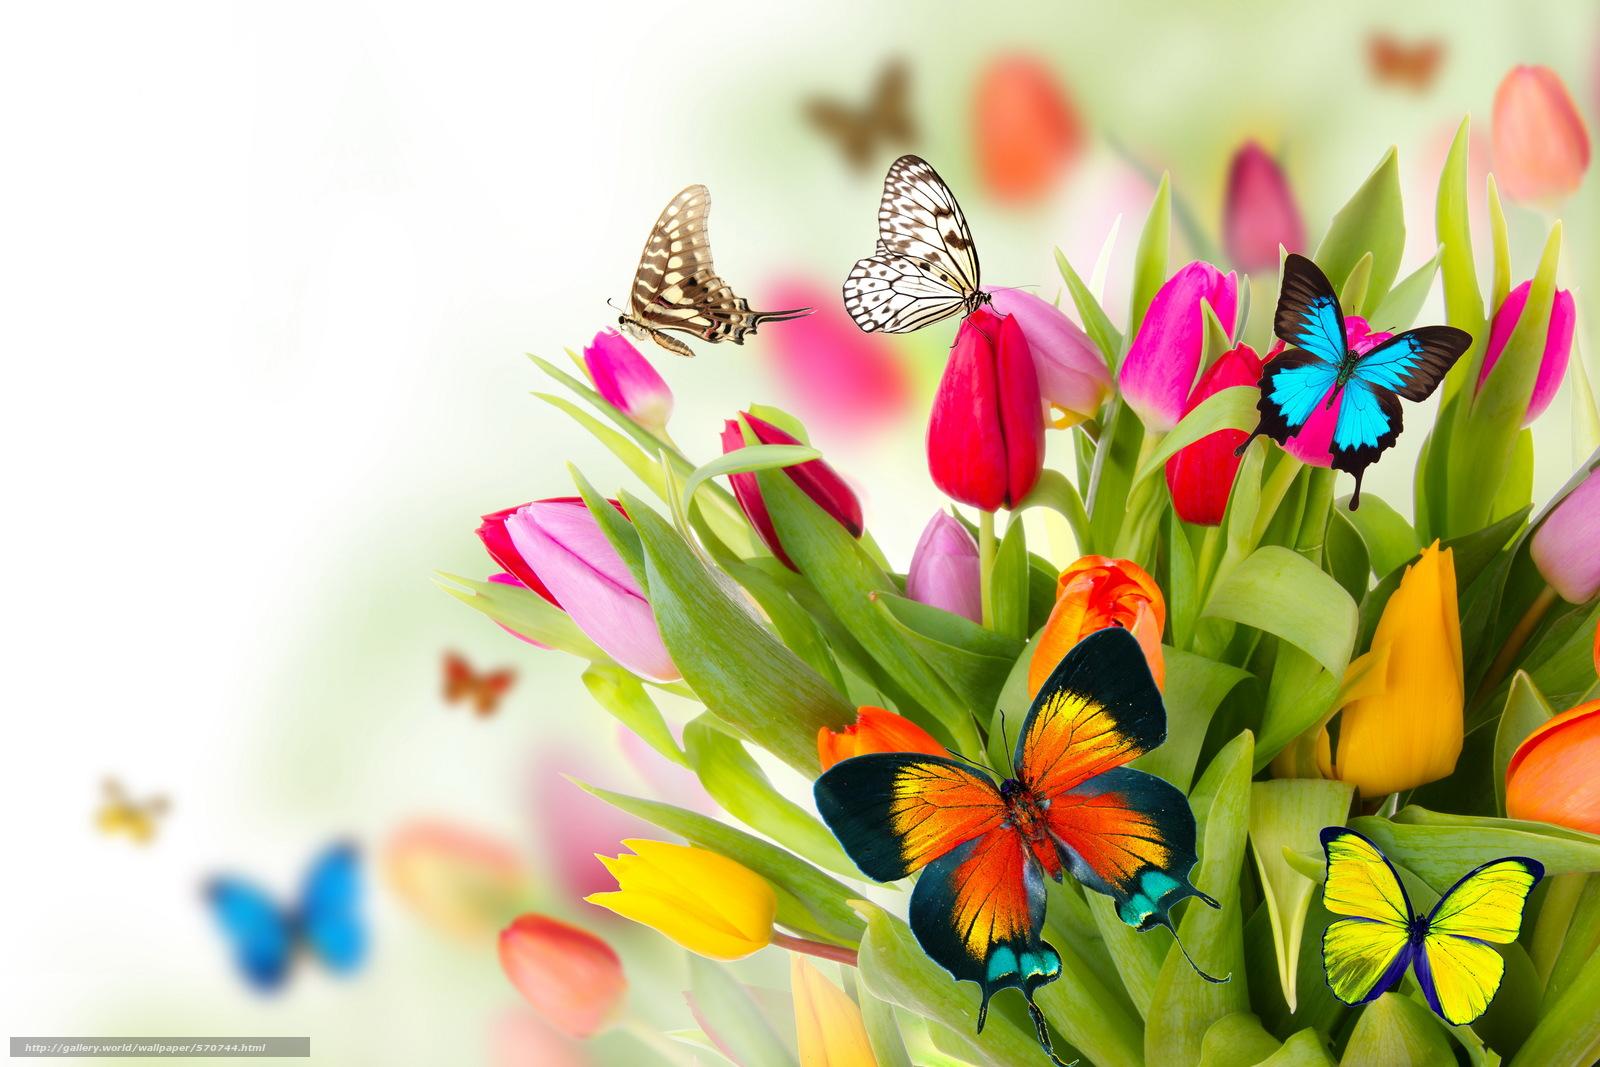 Scaricare gli sfondi primavera fiori farfalle tulipani for Immagini gratis per desktop primavera